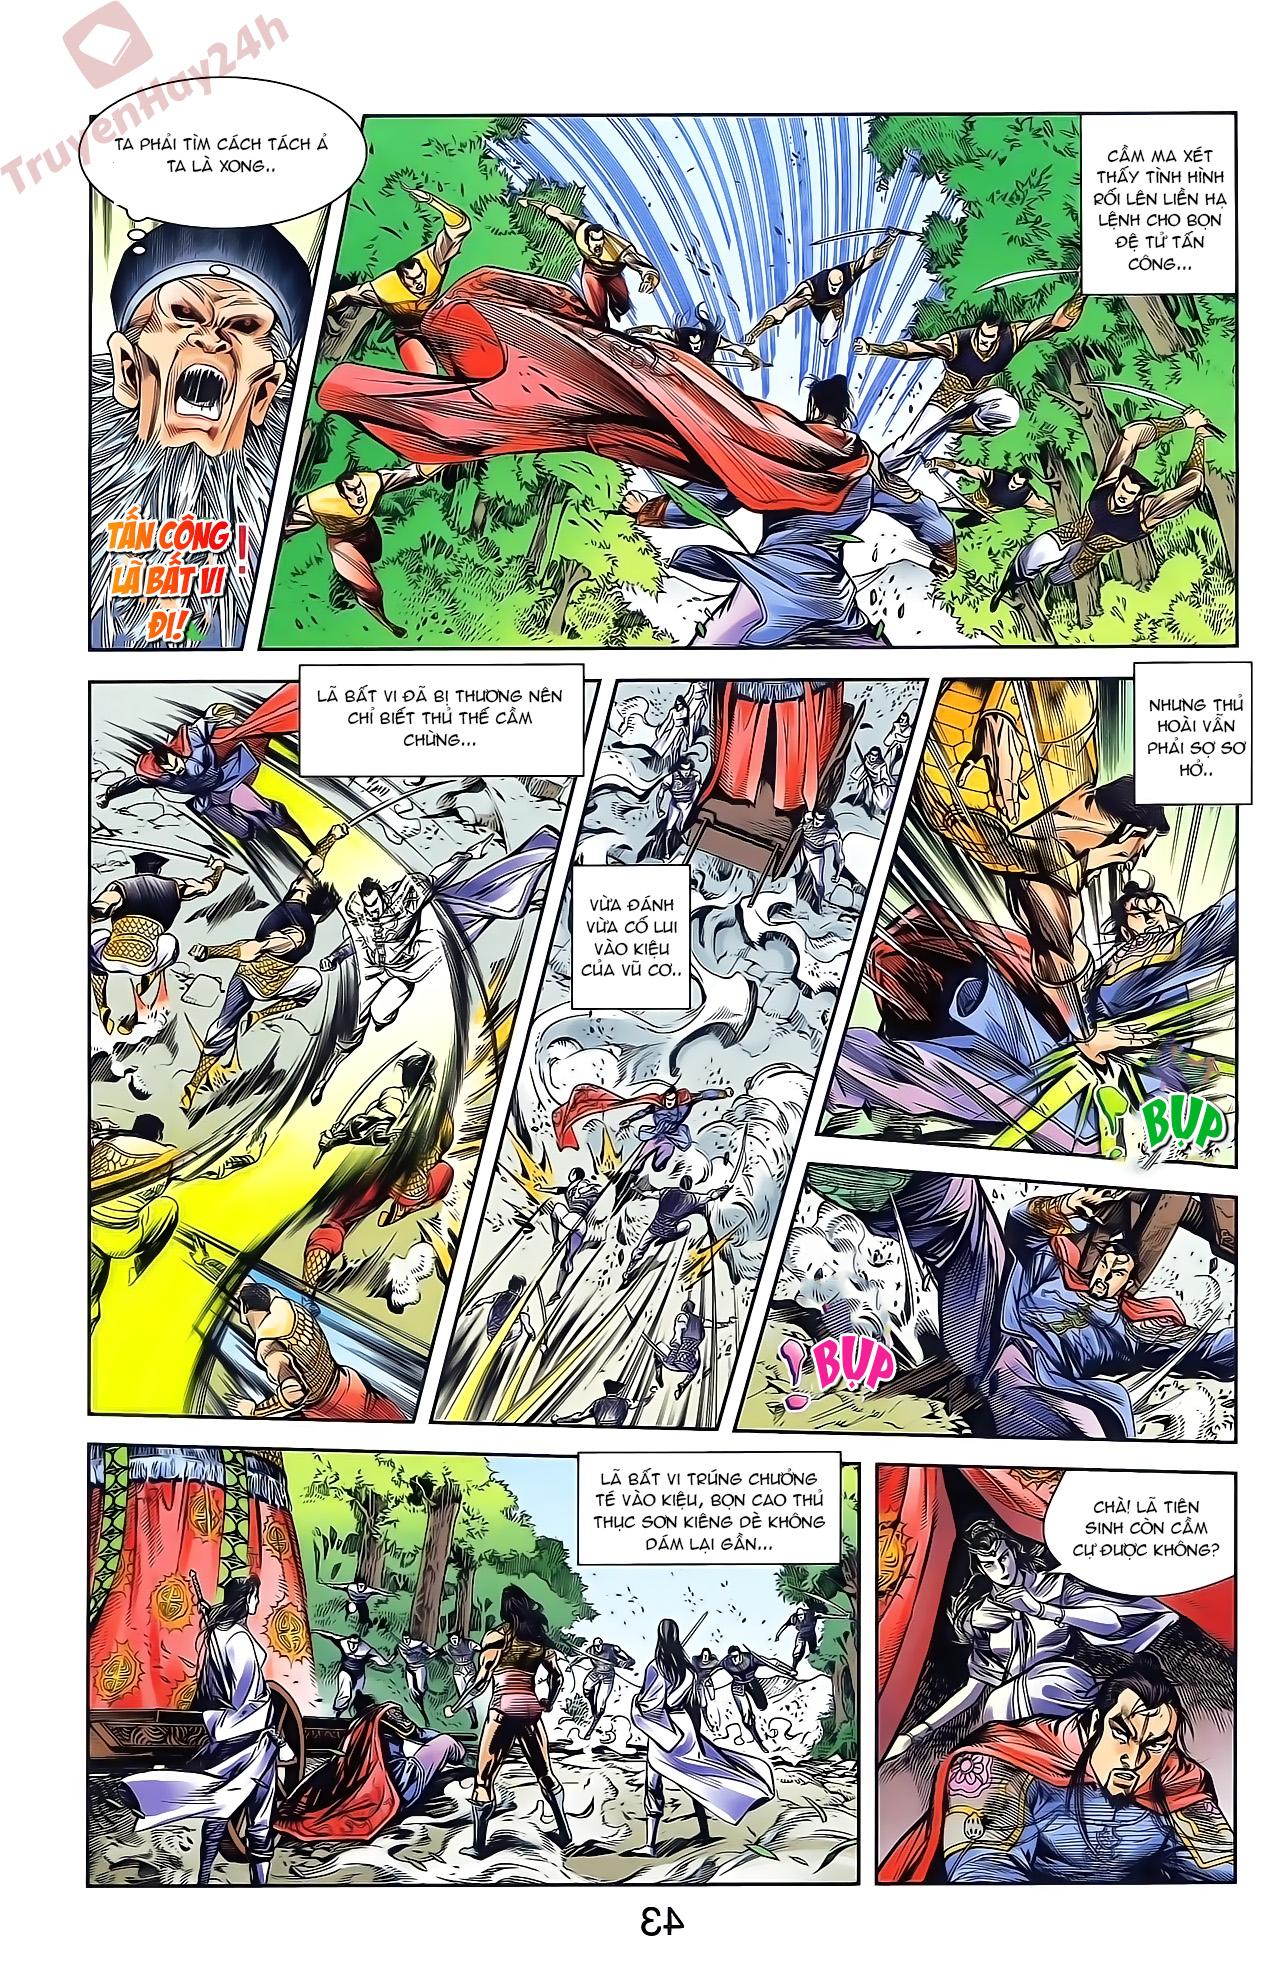 Tần Vương Doanh Chính chapter 46 trang 9